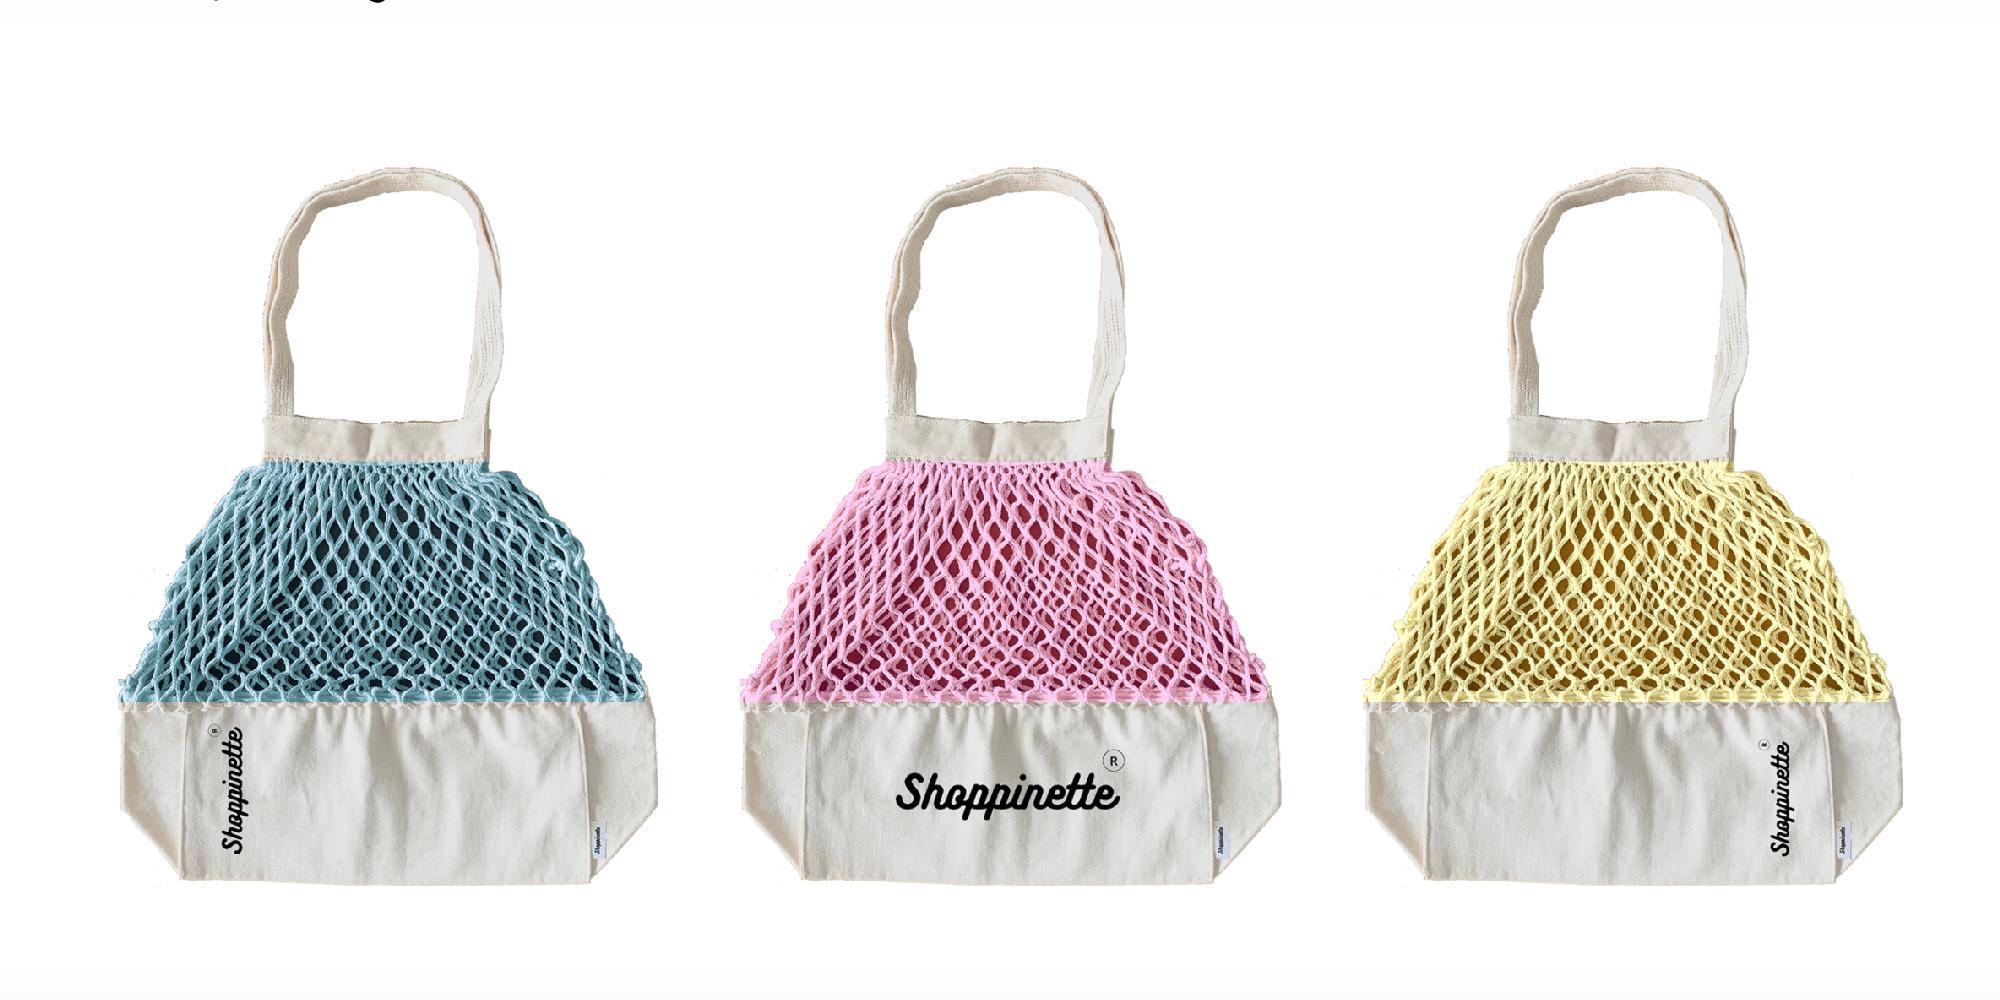 Avec son modèle déposé, Shoppinette fait son entrée sur le marché des sacs promotionnels.